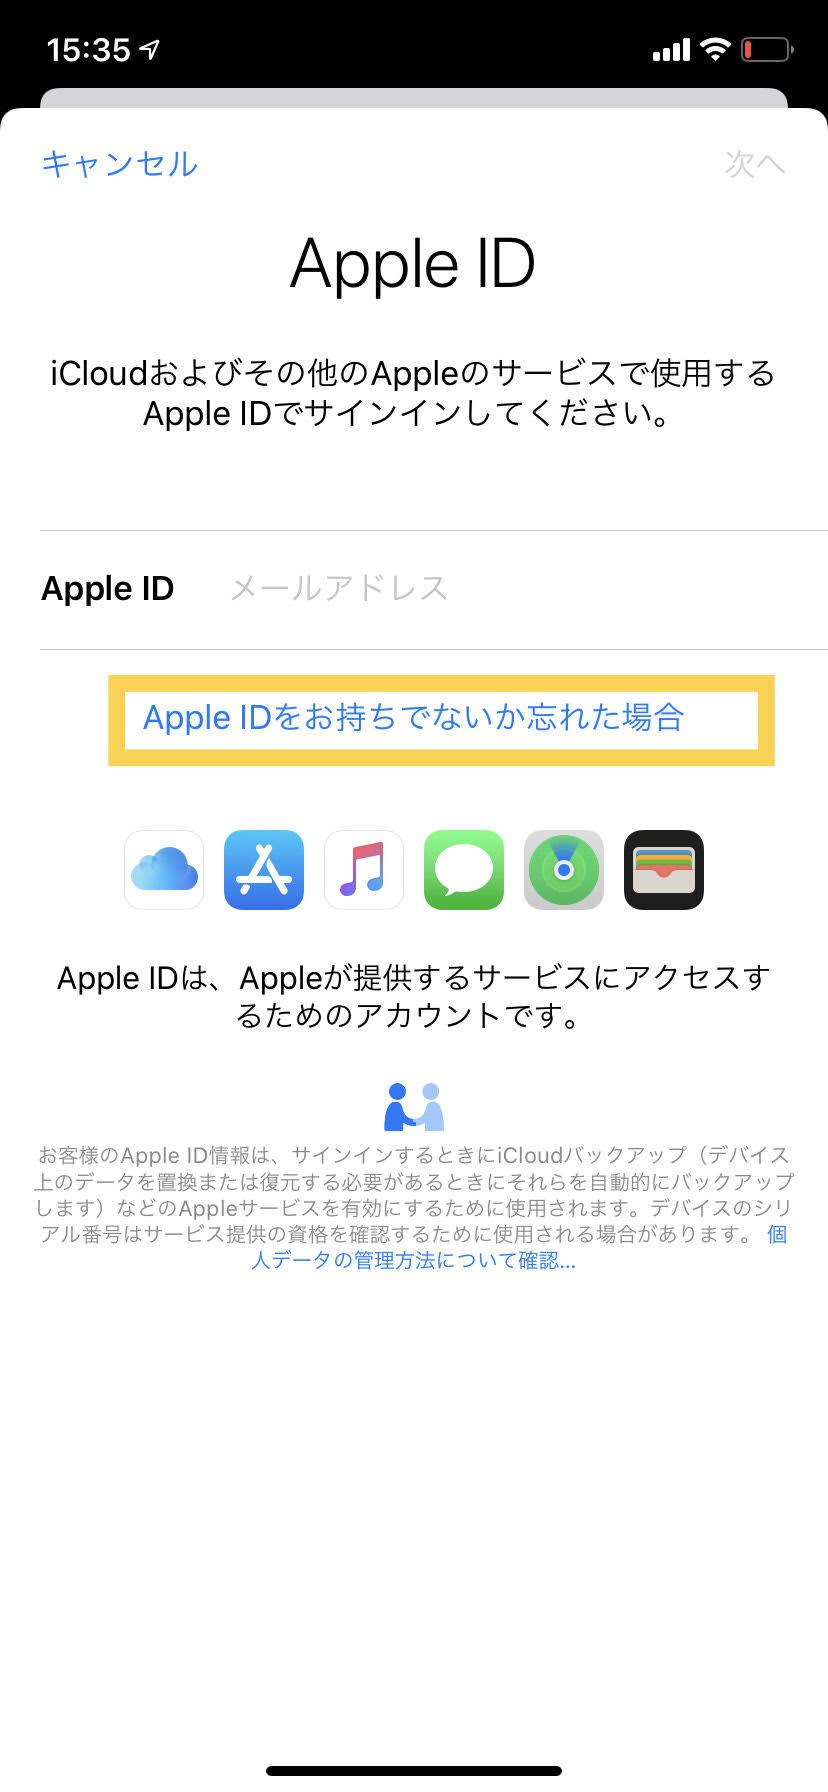 Icloud アドレス 変更 ICloudのメールアドレスを変更する方法